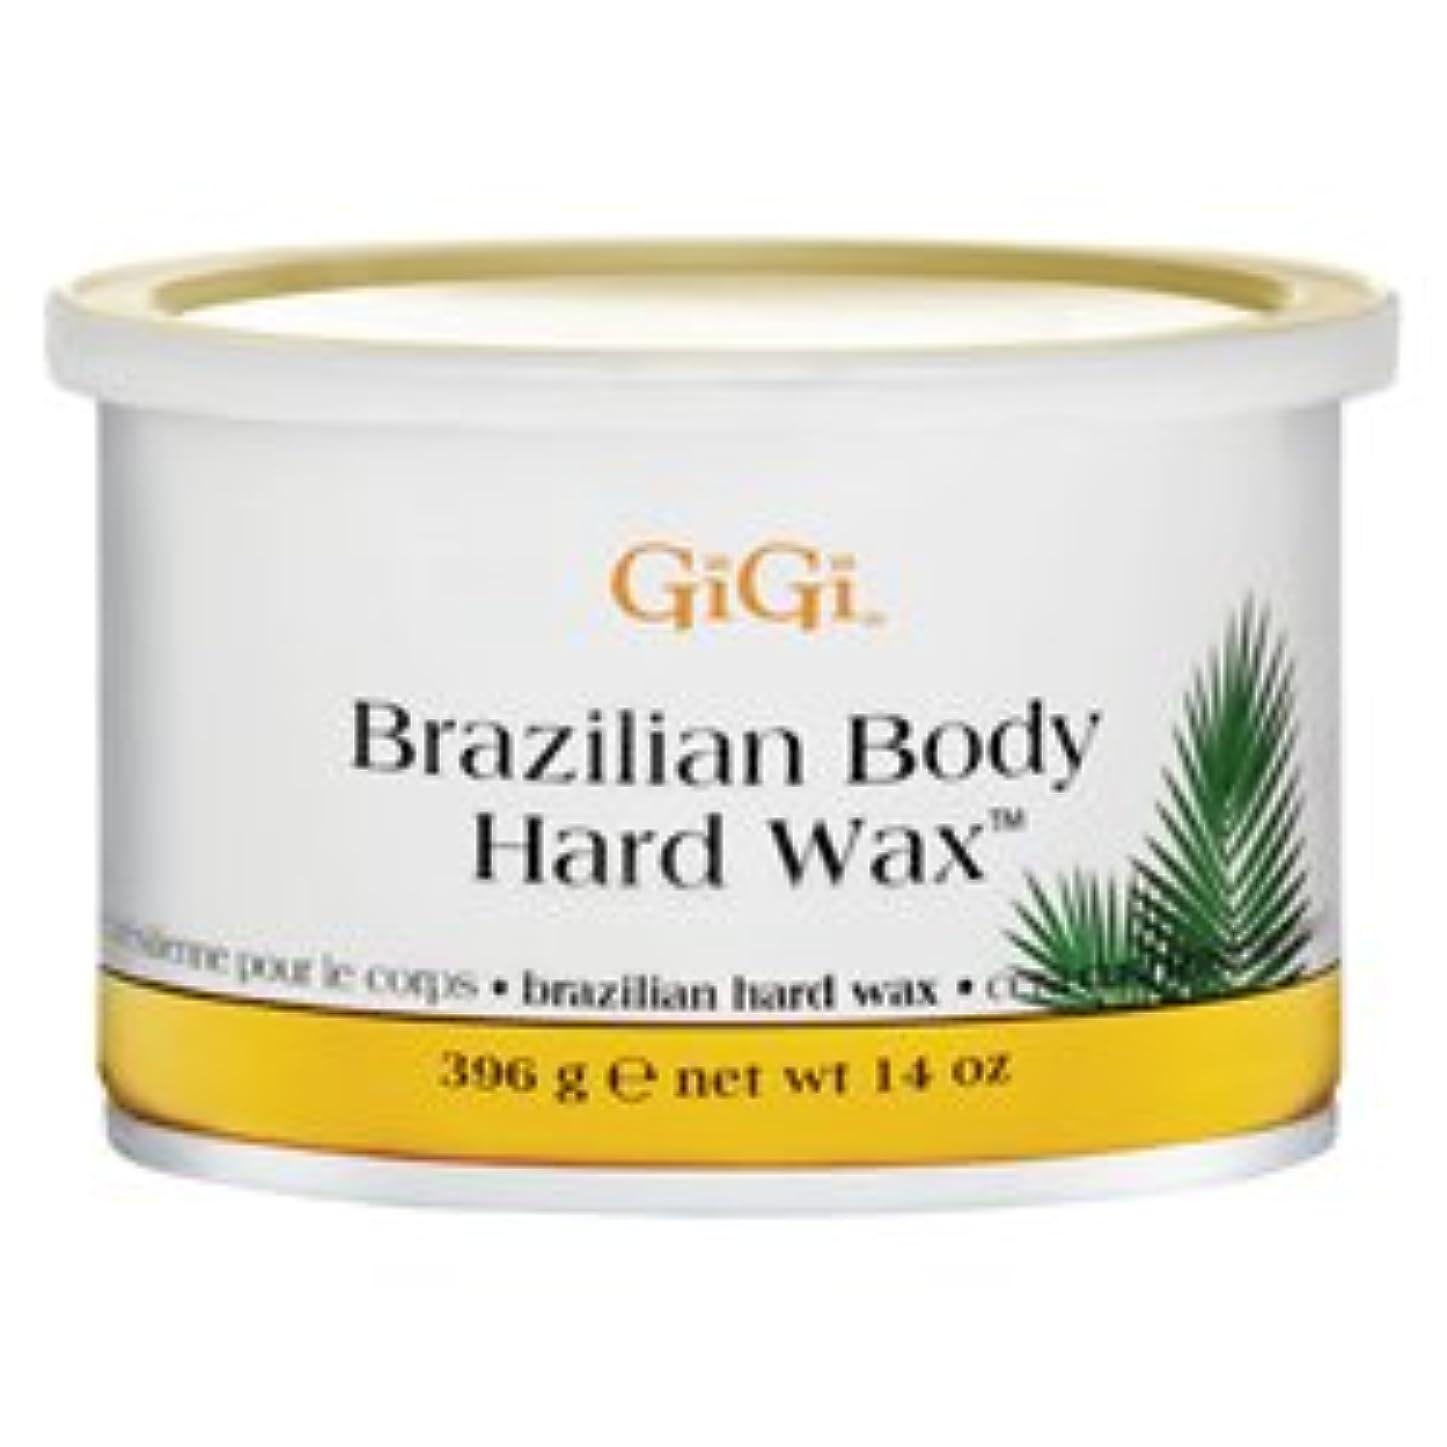 ダウンタウン分析的な実装するブラジリアンボディハード脱毛ワックス 396g (並行輸入品)